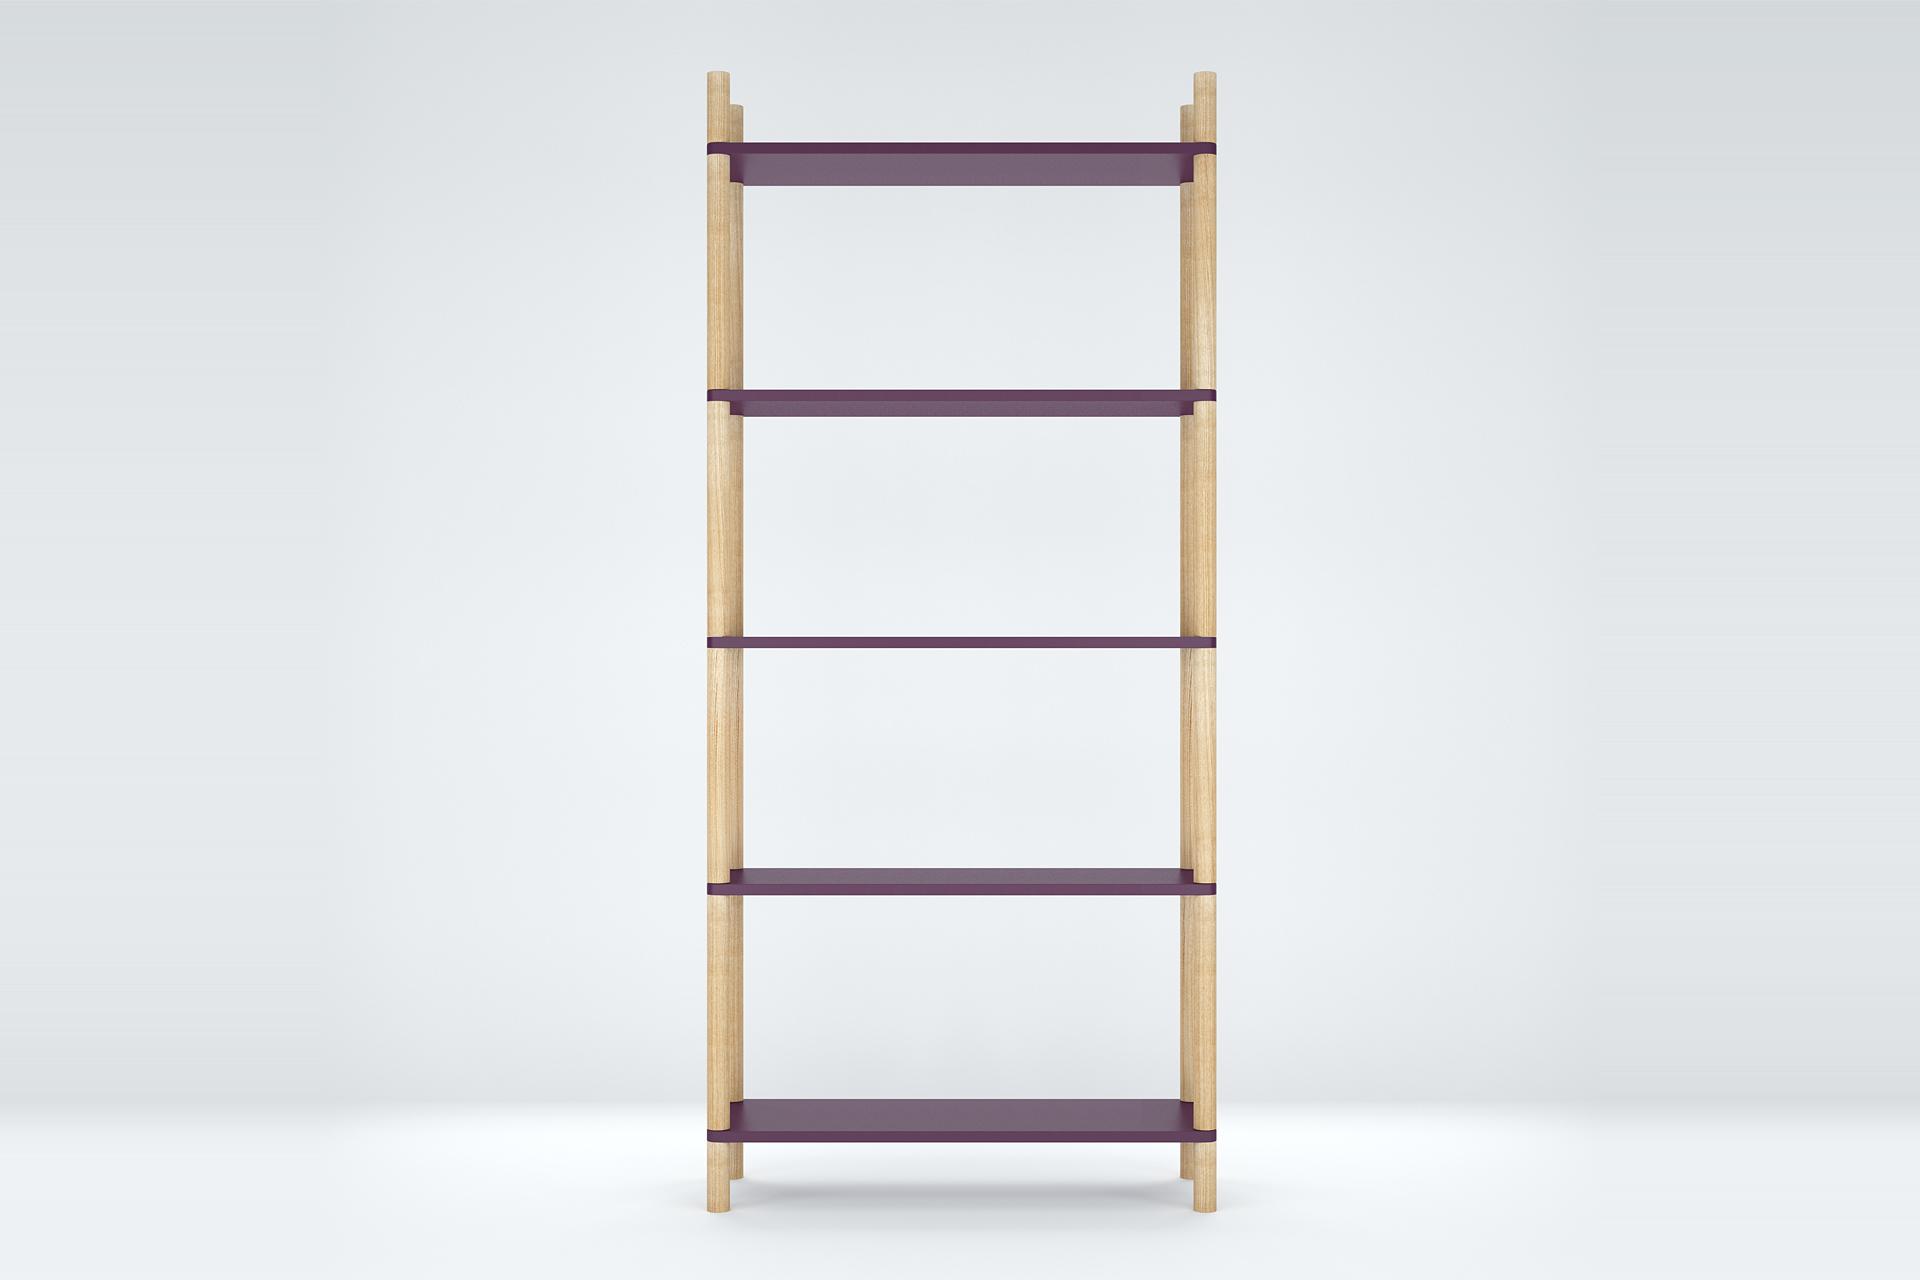 Стеллаж Latitude Saga LilaСтеллажи<br>Вдохновитесь лаконичным оформлением стеллажа &amp;quot;Latitude Saga Lila&amp;quot; для создания уникальной системы хранения. Такой, которая будет радовать своим нетривиальным обликом и повышать настроение. Яркий фиолетовый цвет и возможность сборки в различных конфигурациях помогут вам воплотить в жизнь свои идеи.&amp;amp;nbsp;&amp;lt;div&amp;gt;&amp;lt;br&amp;gt;&amp;lt;/div&amp;gt;&amp;lt;div&amp;gt;Материал: полки - крашеный шпонированный МДФ; ножки - натуральный ясень, матовый лак.&amp;amp;nbsp;&amp;lt;/div&amp;gt;&amp;lt;div&amp;gt;Возможно изготовление по индивидуальным размерам (стоимость уточняется).&amp;lt;/div&amp;gt;<br><br>Material: МДФ<br>Width см: 100<br>Depth см: 35<br>Height см: 223